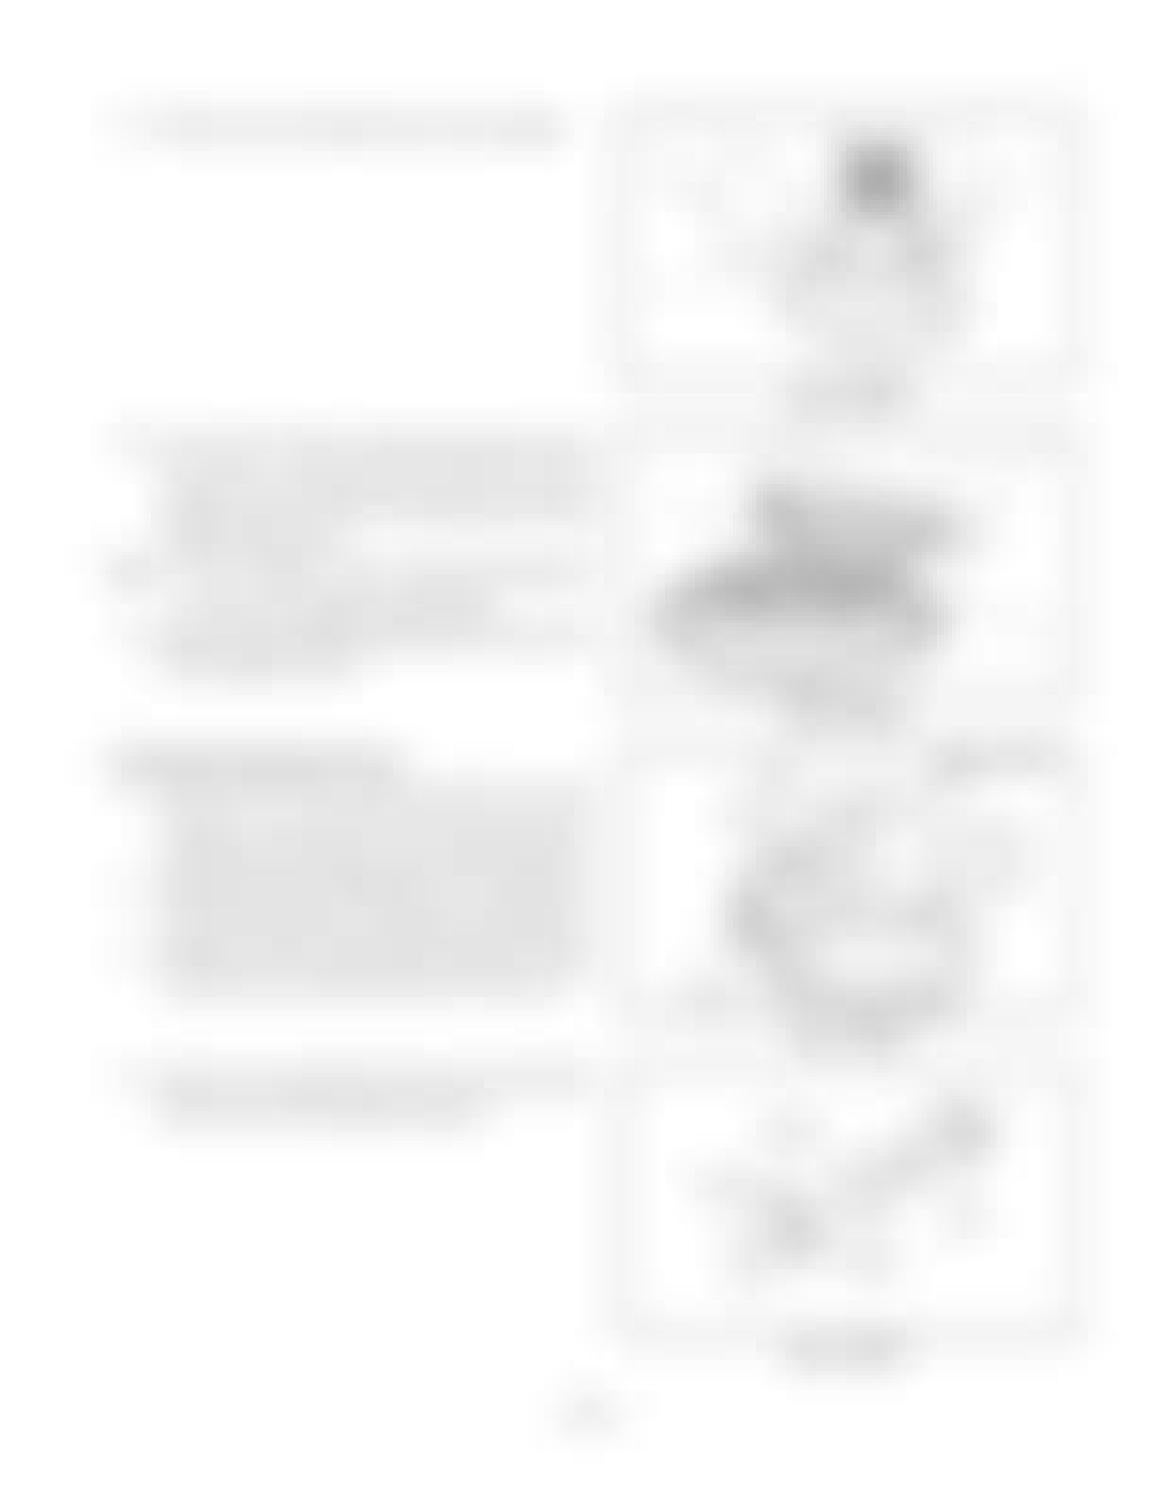 Hitachi LX110-7 LX130-7 LX160-7 LX190-7 LX230-7 Wheel Loader Workshop Manual - PDF DOWNLOAD page 99